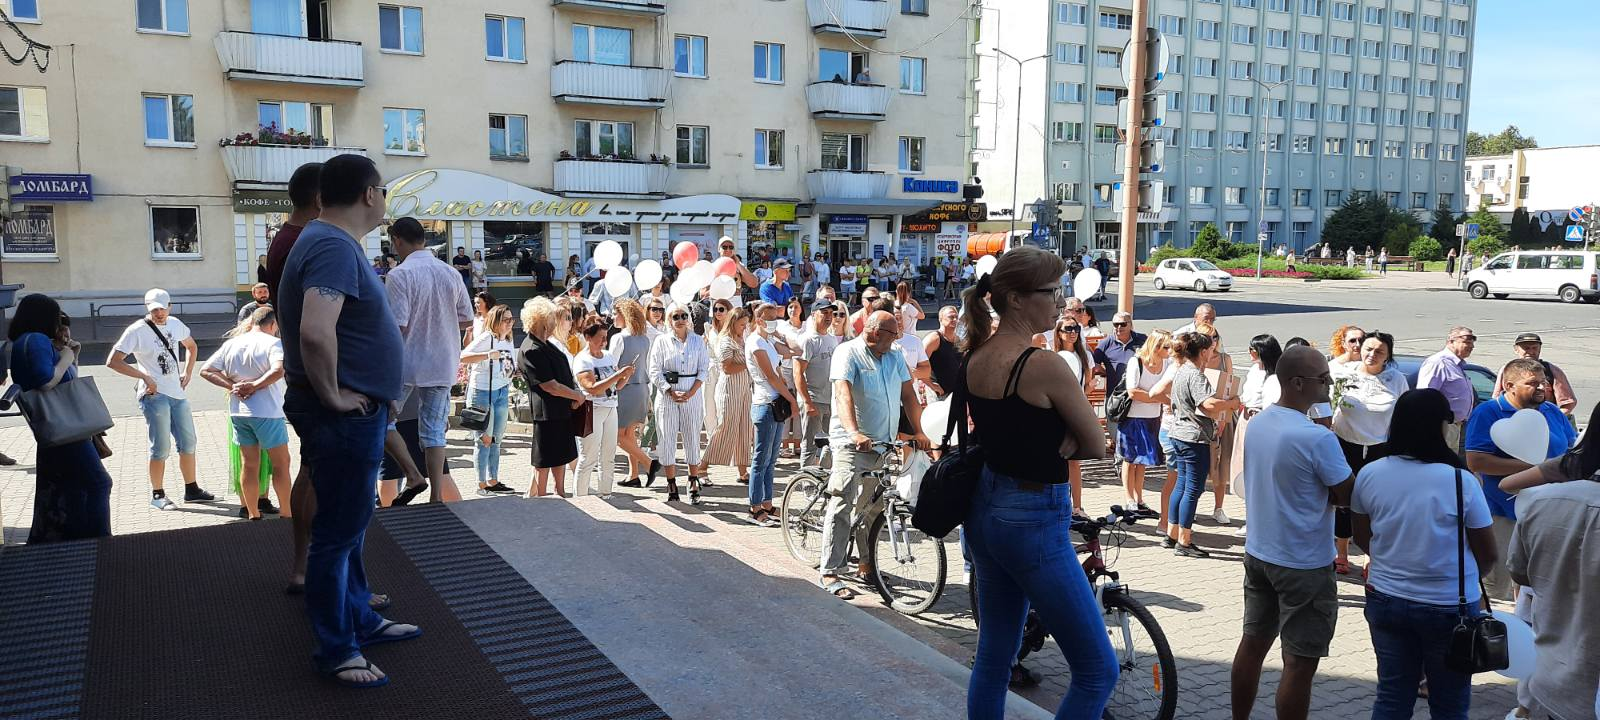 Протесты у здания горисполкома 14 августа. Фото: Intex-press